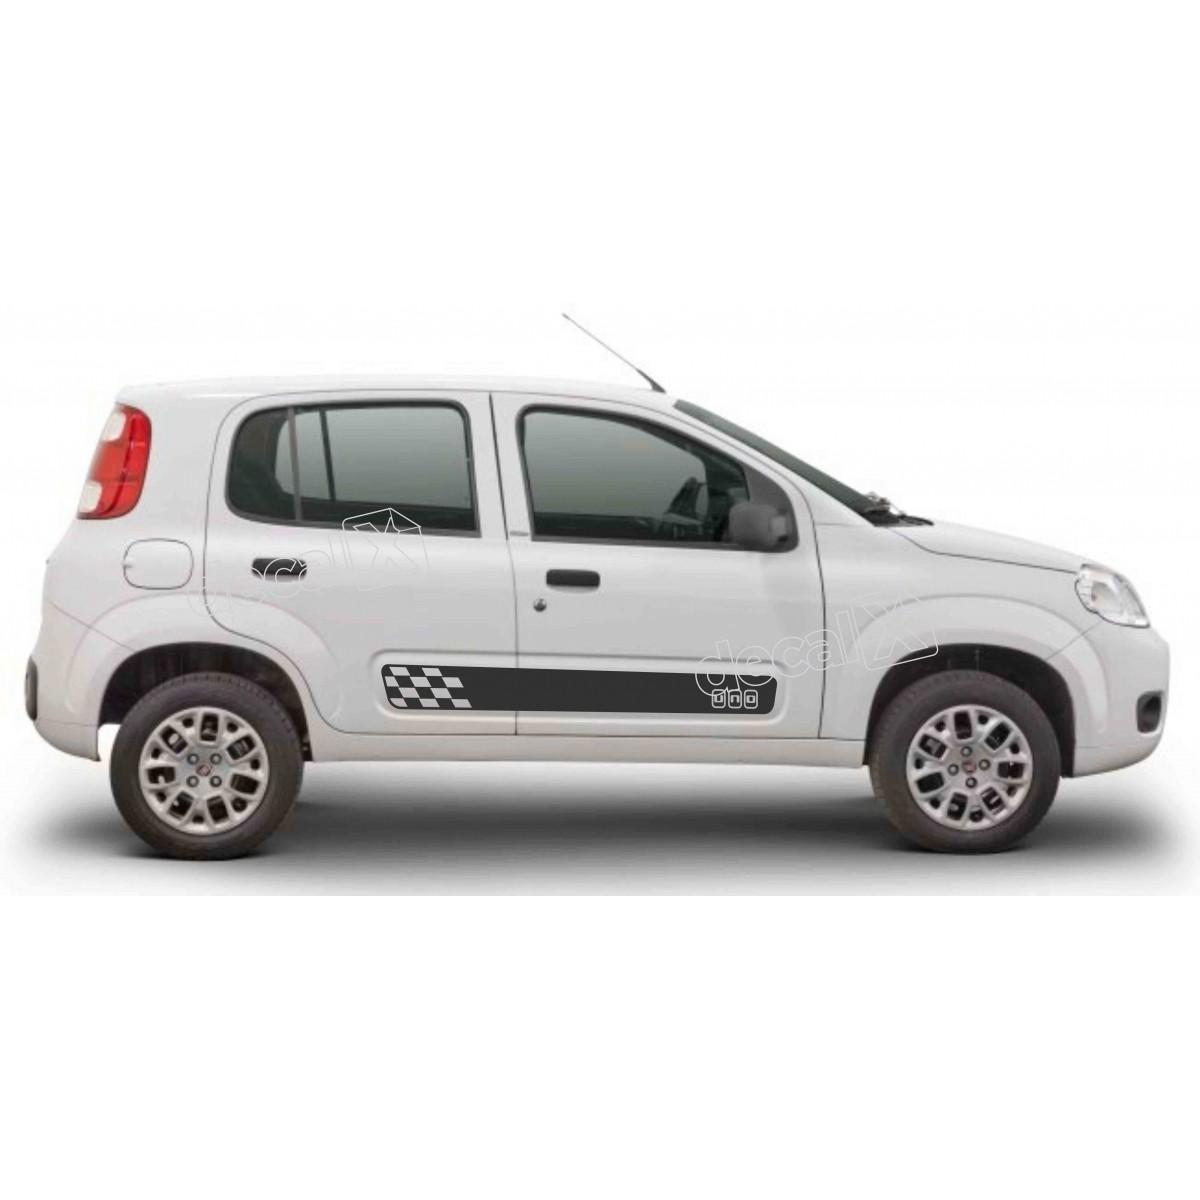 Adesivo Faixa Lateral Fiat Uno Unoc6